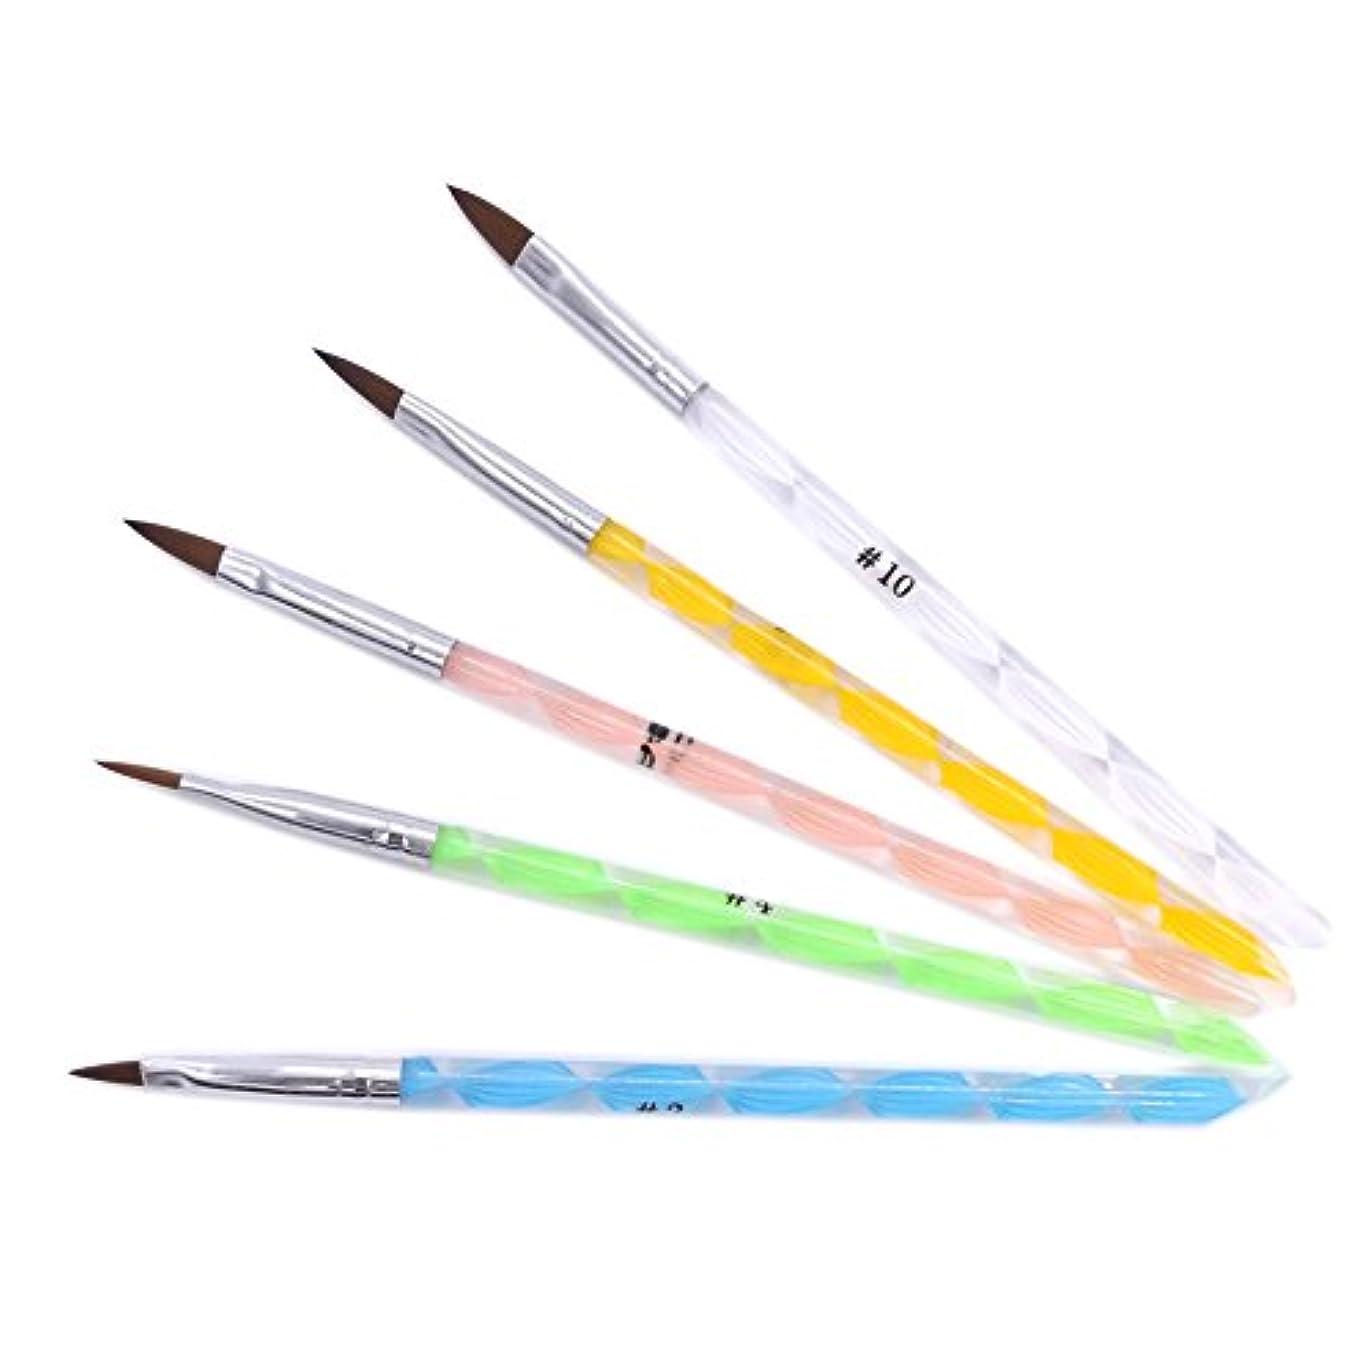 病弱どっちでも支配する(ウォームガール)Warm Girl ネイルアート アクリル用ブラシ ドットペン 5本セット ネイルデザイン 人気なセット